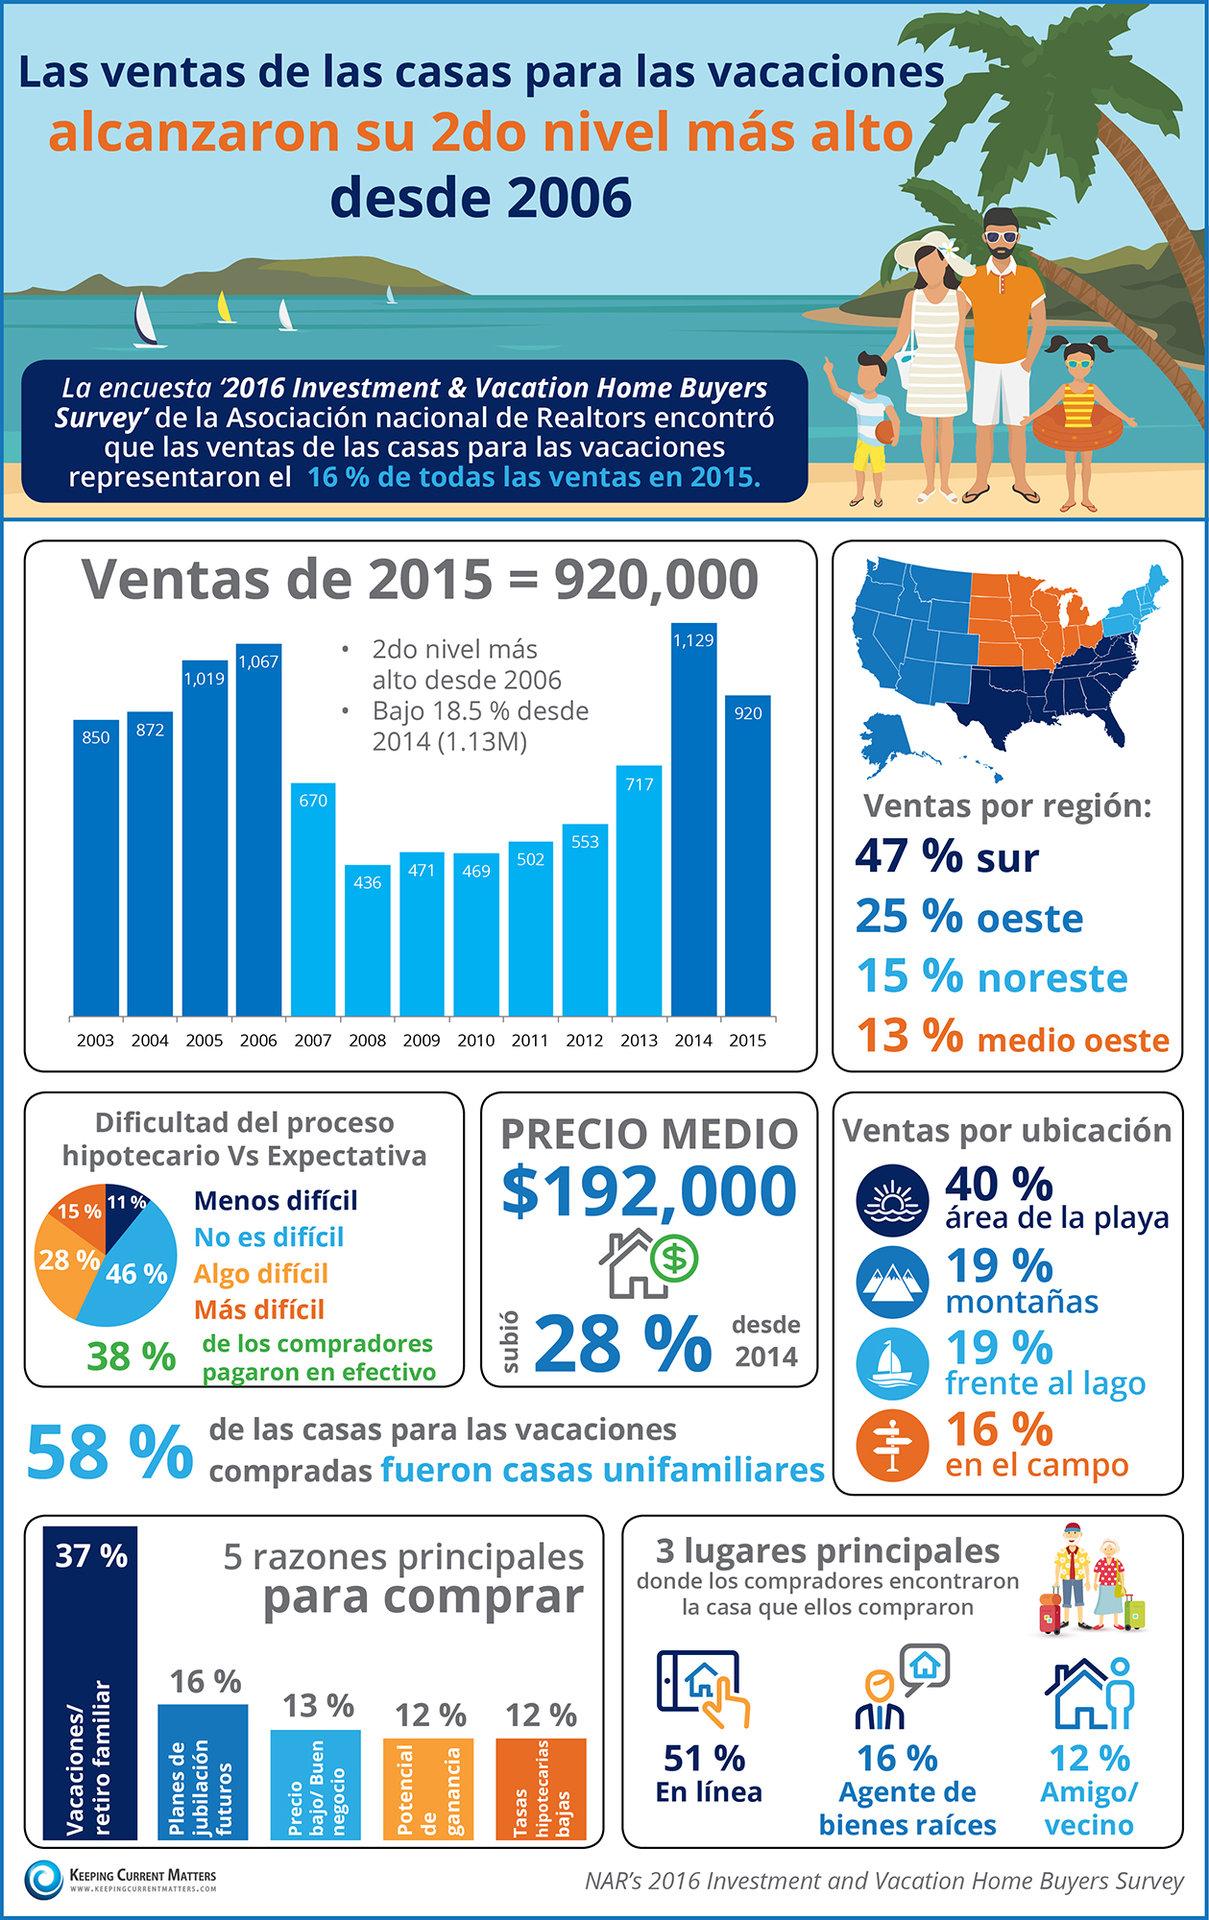 Las ventas de las casas para las vacaciones alcanzaron su segundo nivel más alto desde 2006 [infografía]    Keeping Current Matters